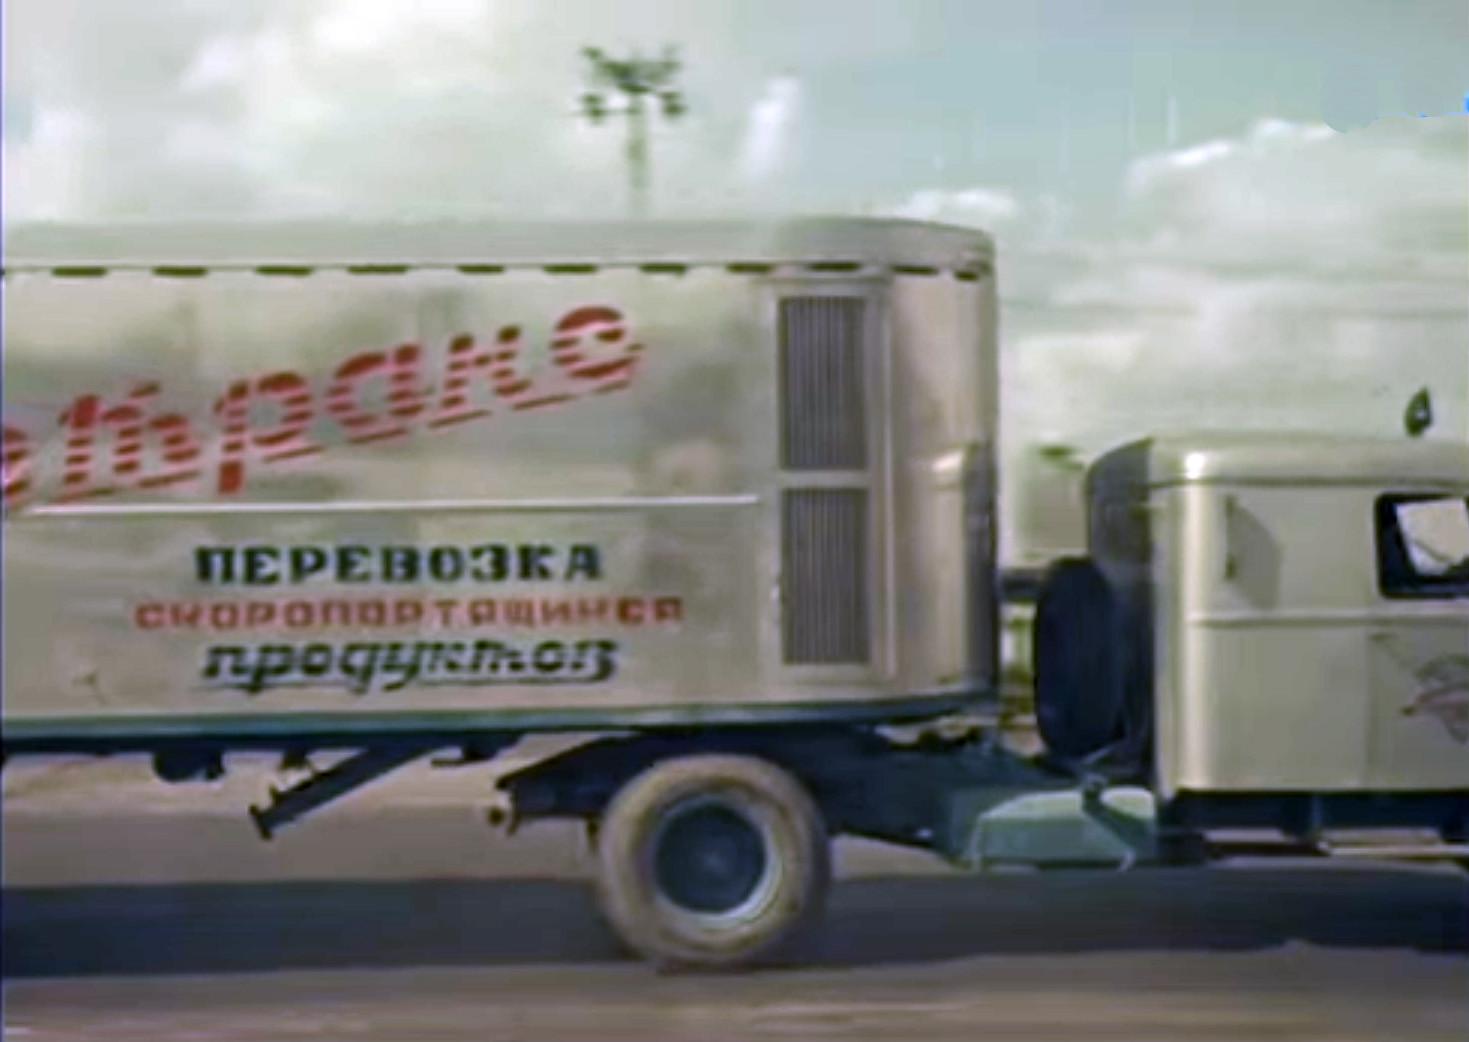 1956 Первые ОАФ-745G (6DN-130) с полуприцепами-рефрижераторами Транберг появившись в СССР в 1955 году2